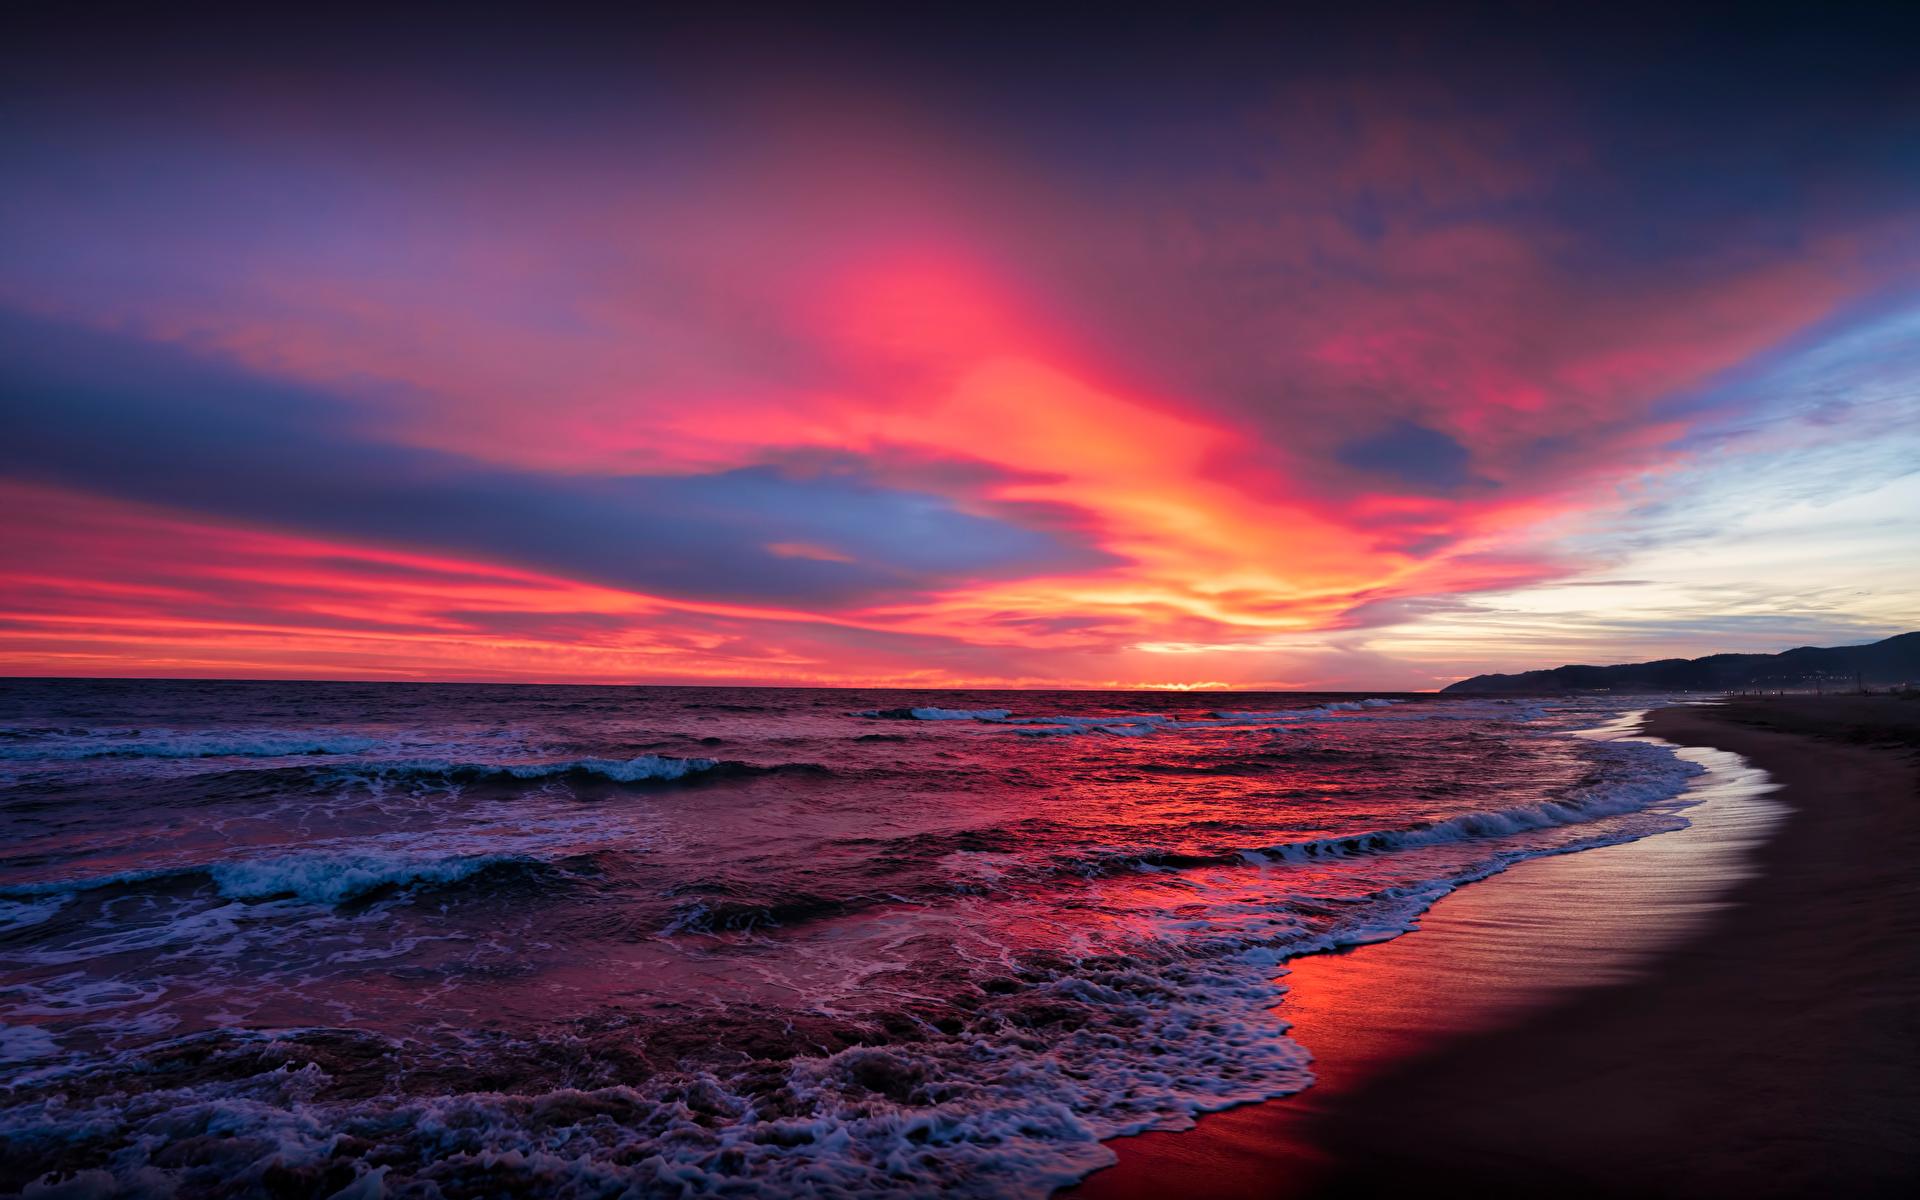 Bilder Spanien Catalonia Meer Natur Himmel Sonnenaufgänge und Sonnenuntergänge Küste Wolke 1920x1200 Morgendämmerung und Sonnenuntergang